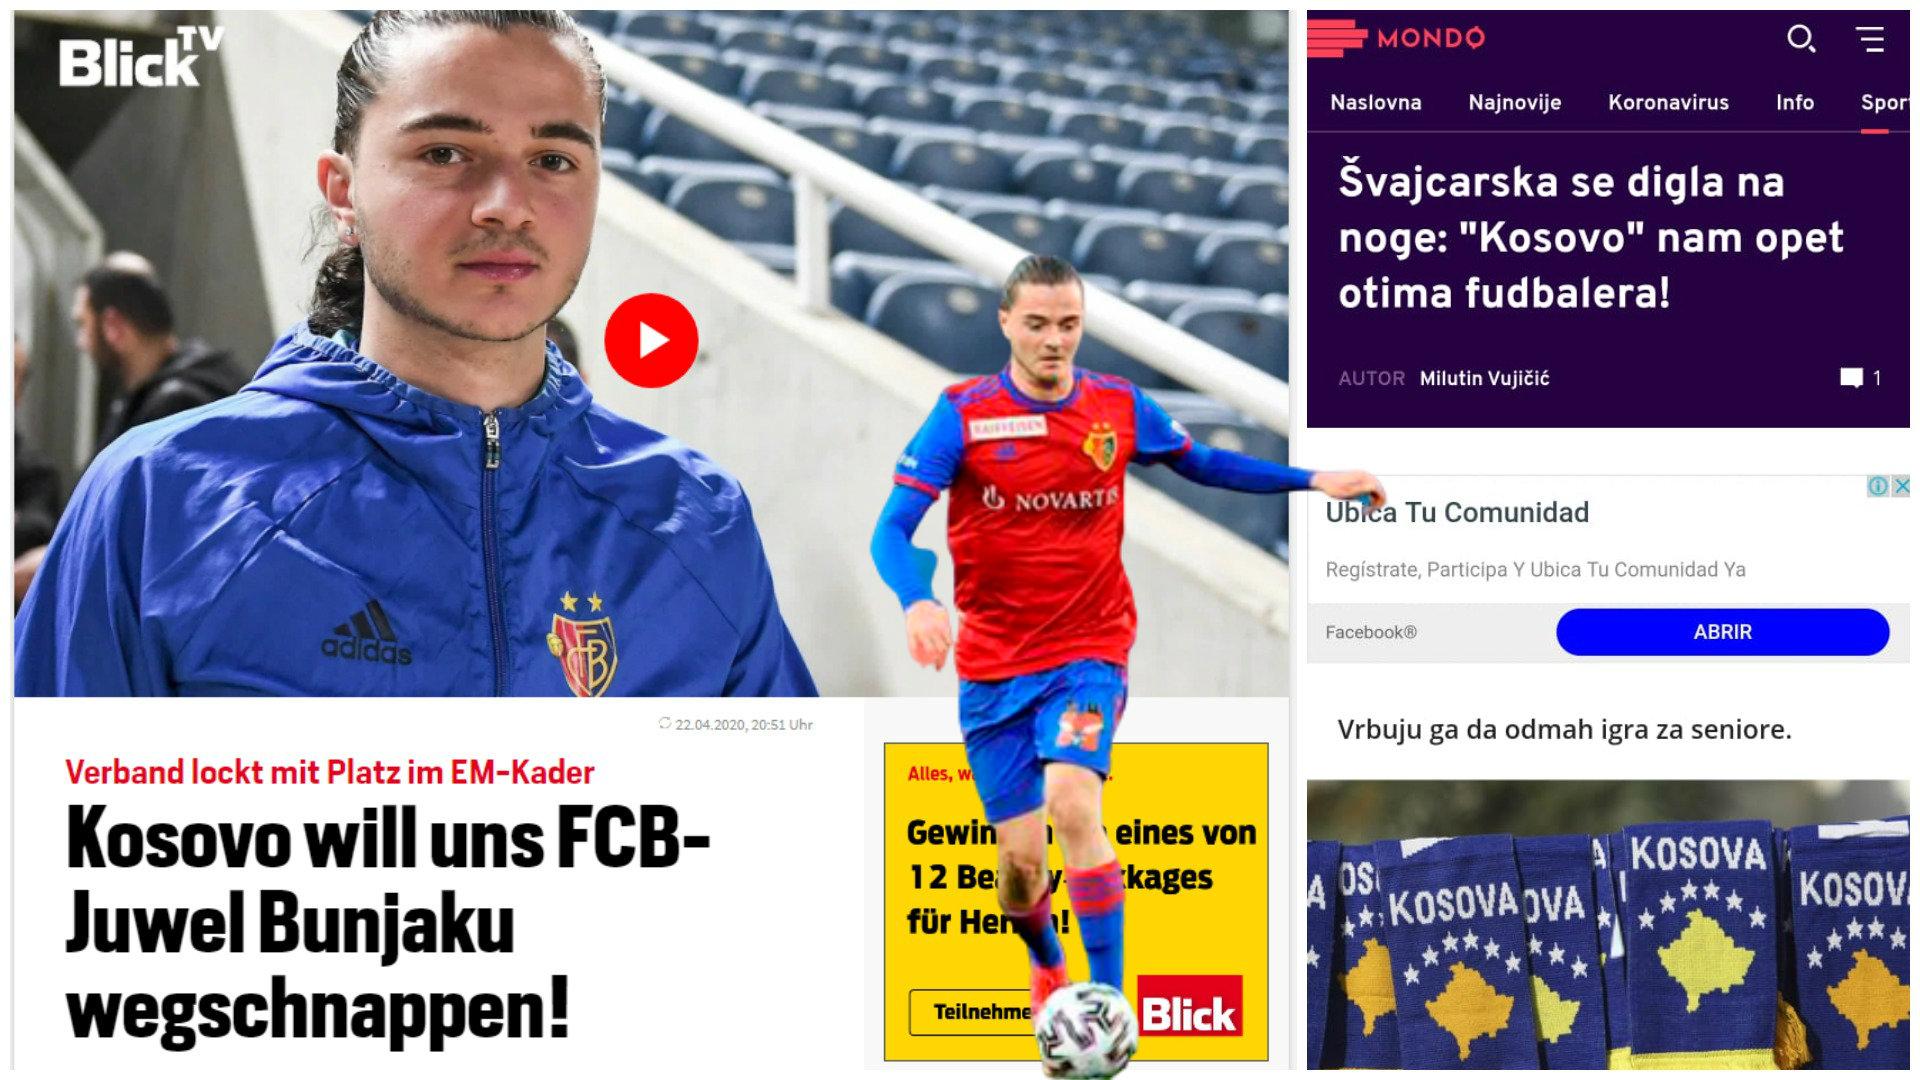 """""""Zvicra në këmbë: Kosova na rrëmben talentin"""", lajmi i Blick frymëzon serbët"""